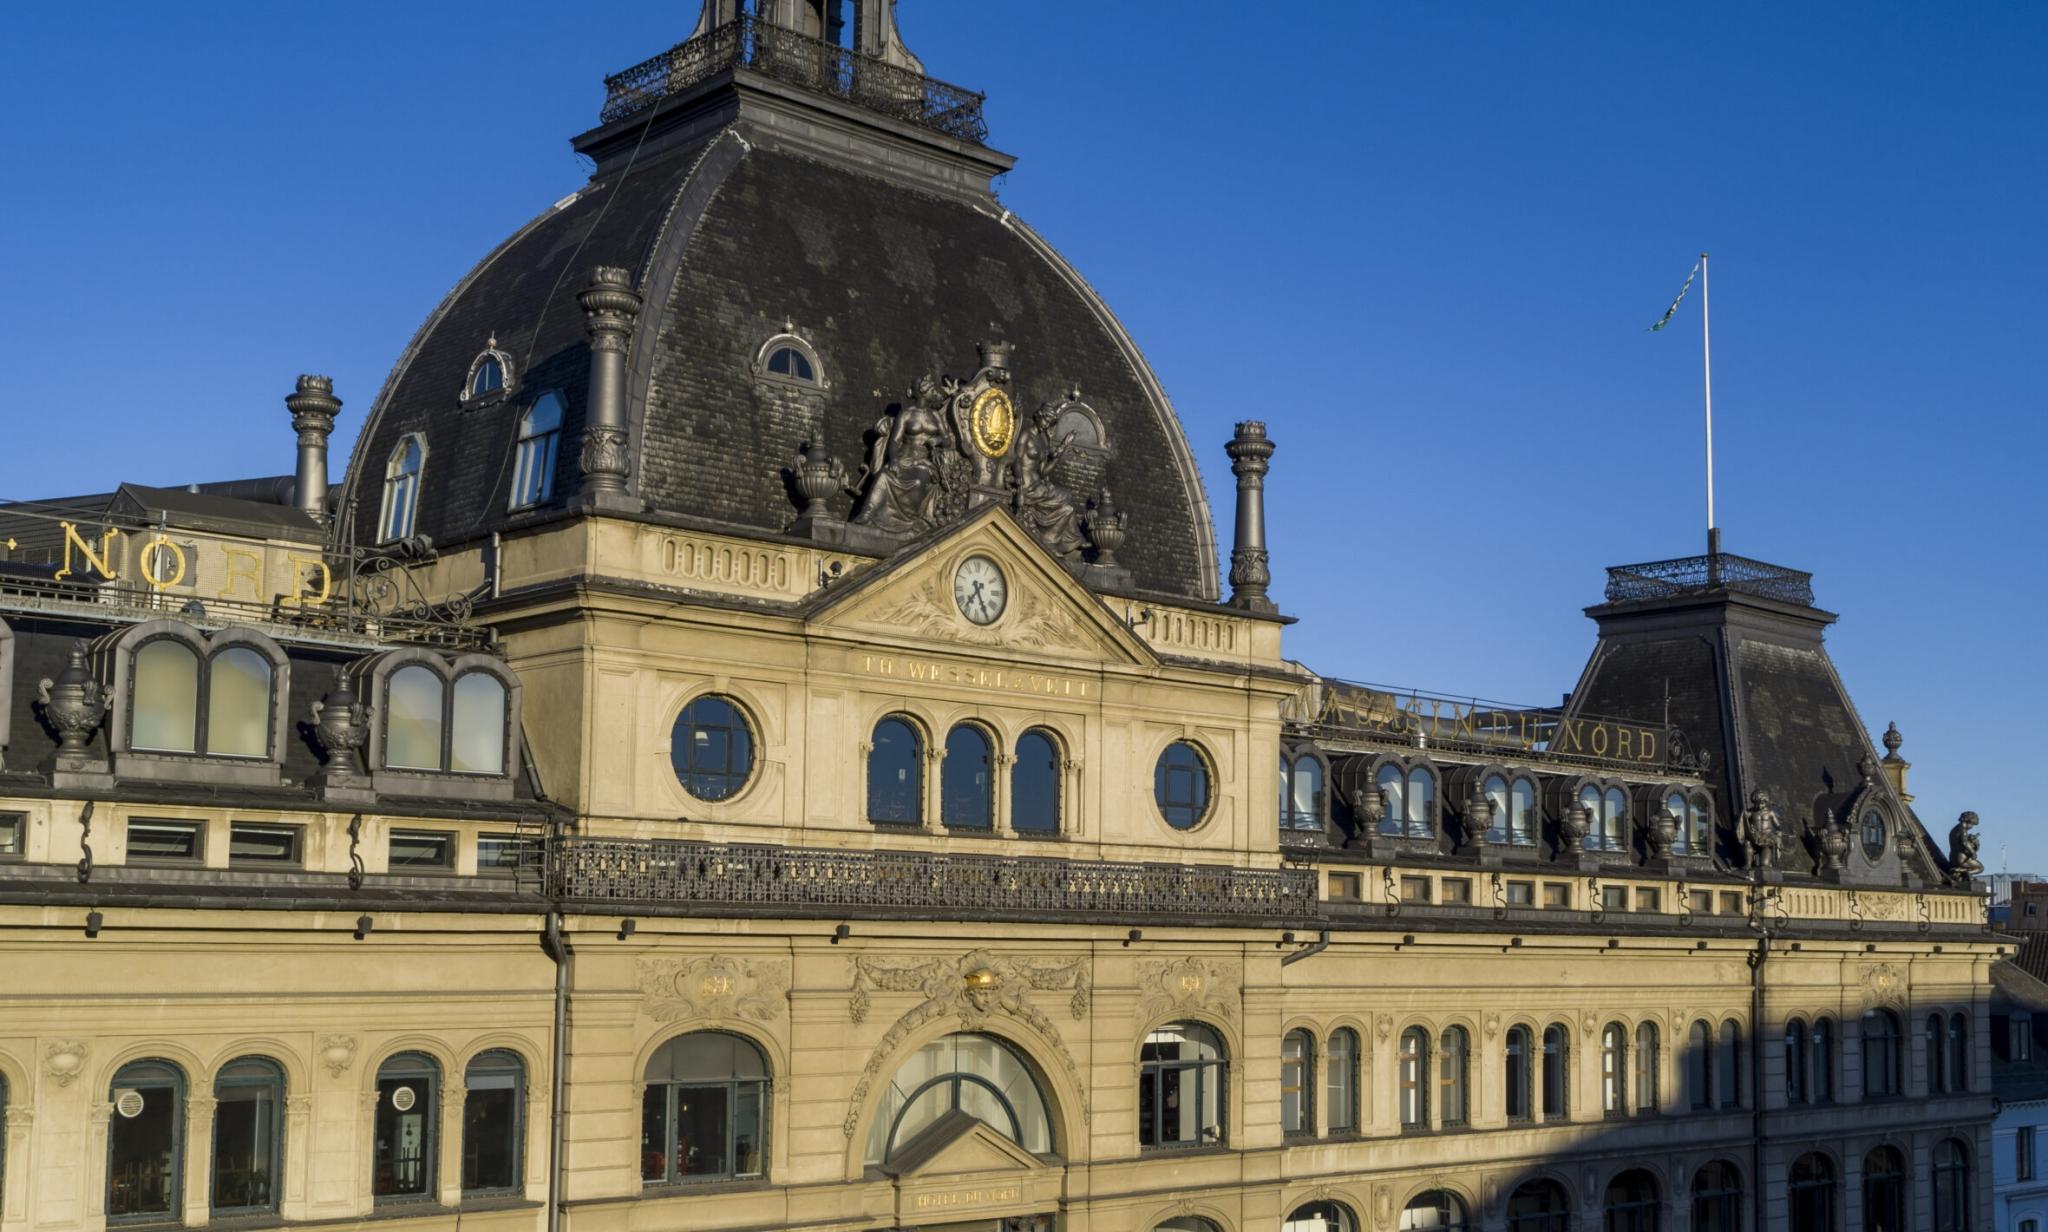 Magasin var inspireret af det parisiske stormagasin Le Bon Marché